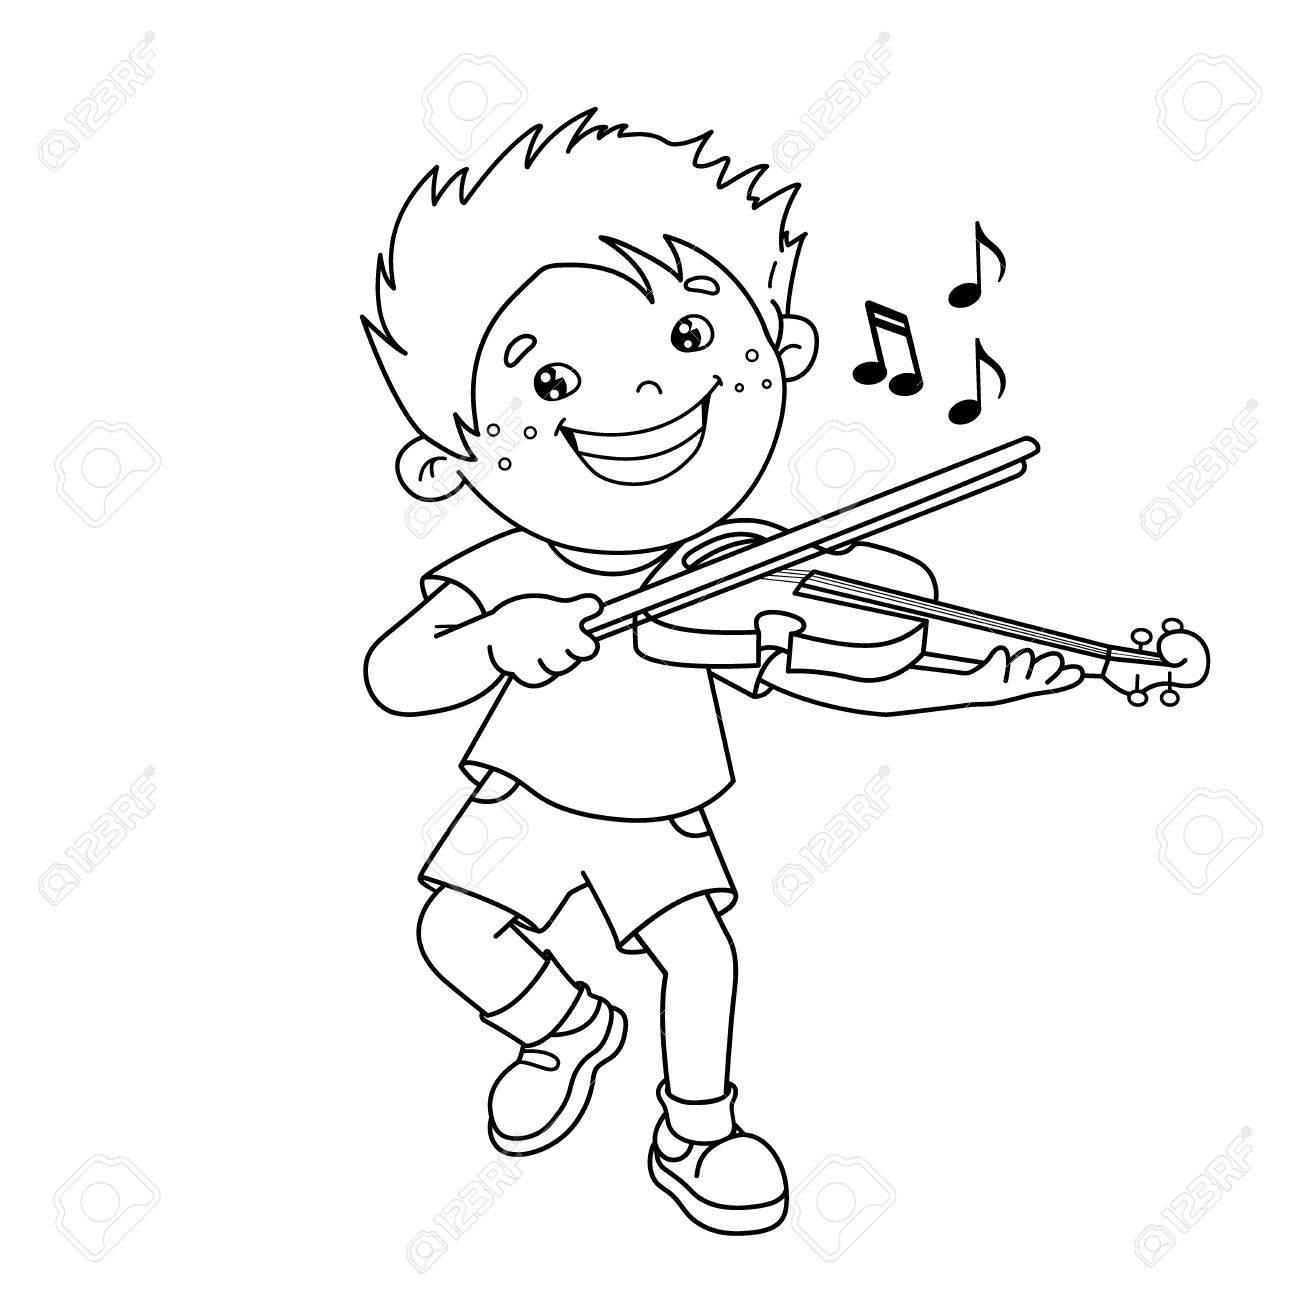 Coloring Page Outline Of Cartoon Garcon Jouant Du Violon Instruments De Musique Livre A Colorier Pour Les Enfants